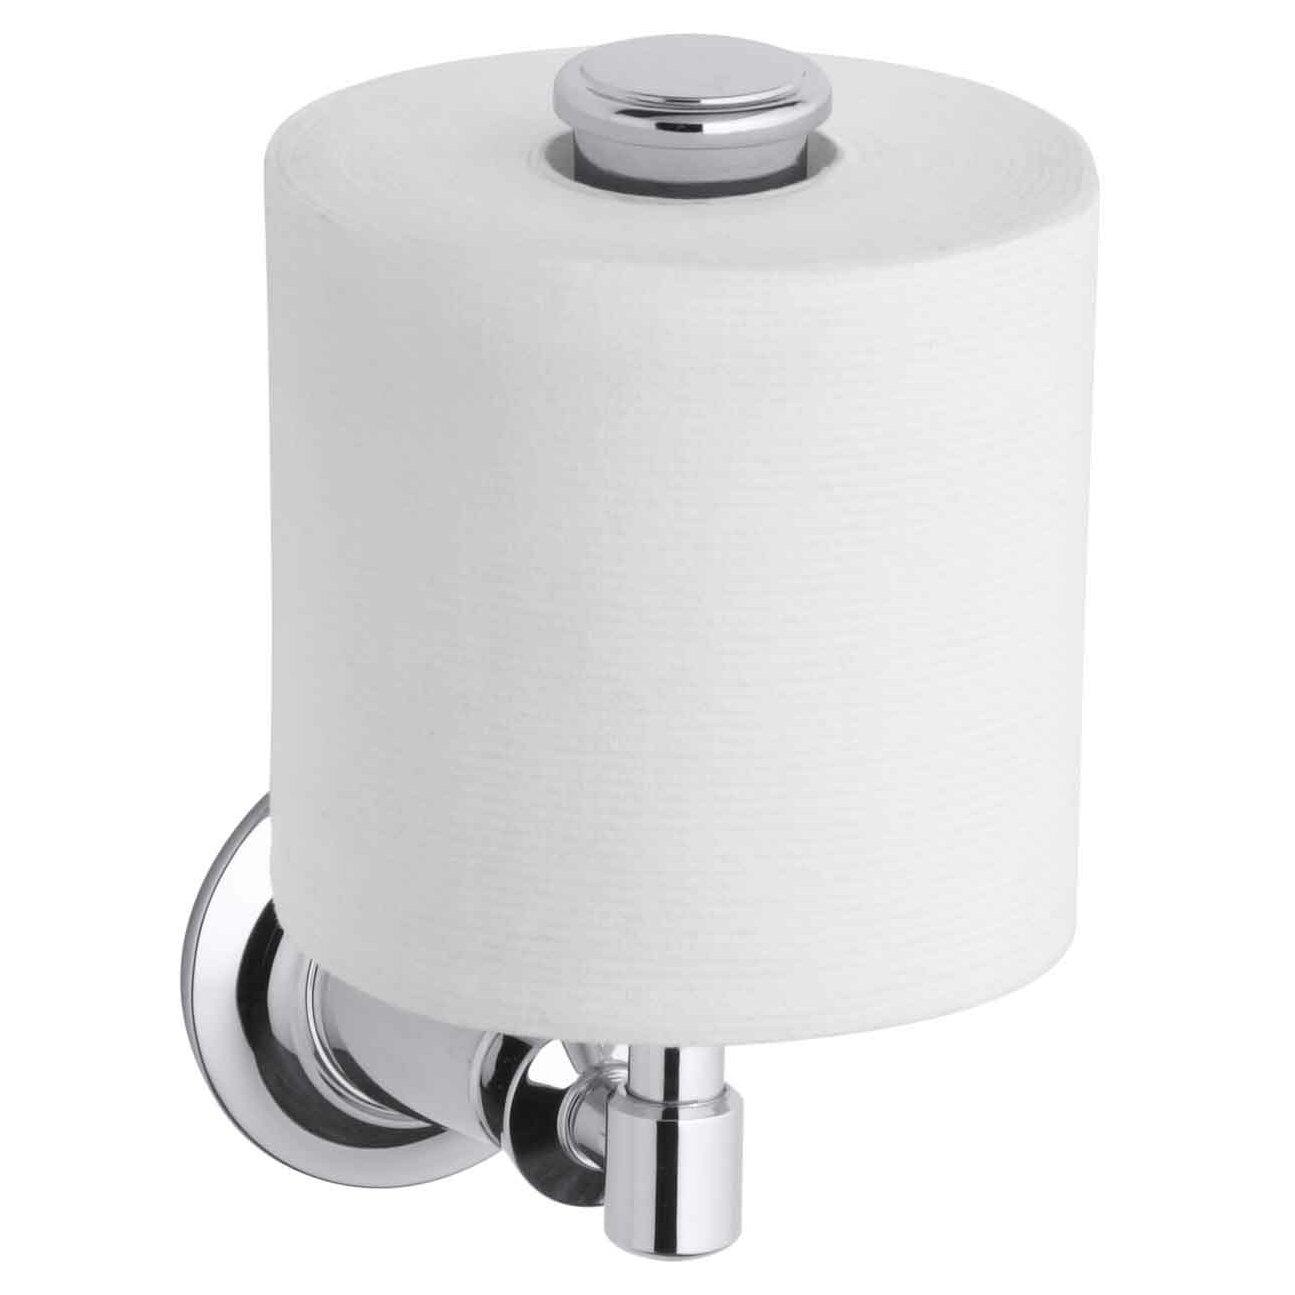 kohler archer vertical toilet tissue holder reviews wayfair. Black Bedroom Furniture Sets. Home Design Ideas